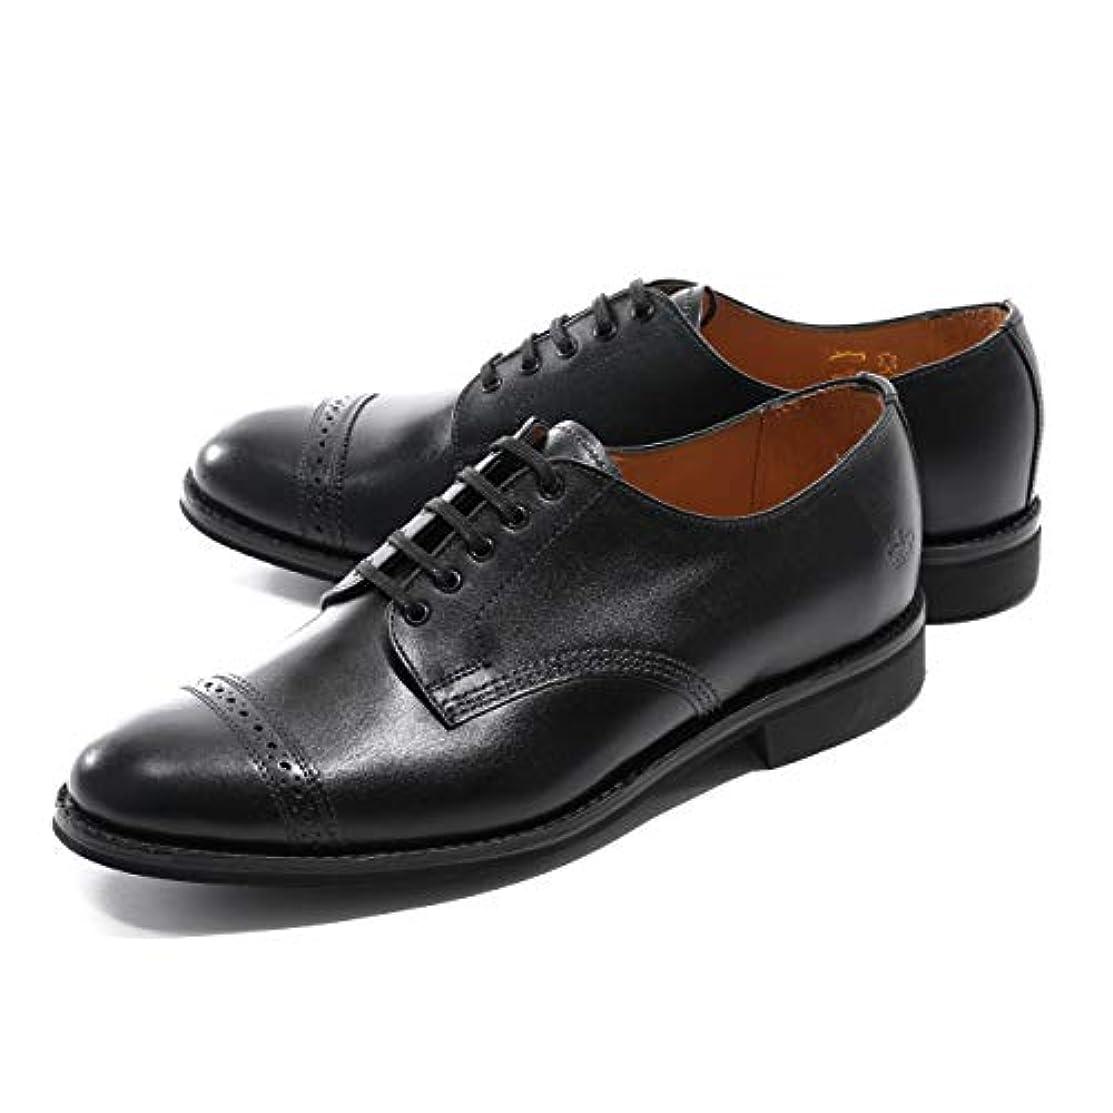 達成するバーベキューヒールSanders サンダース 1129BC Military Punched Cap Derby Calf ドレスシューズ 革靴 オックスフォード ストレートチップ カラーBlack メンズ